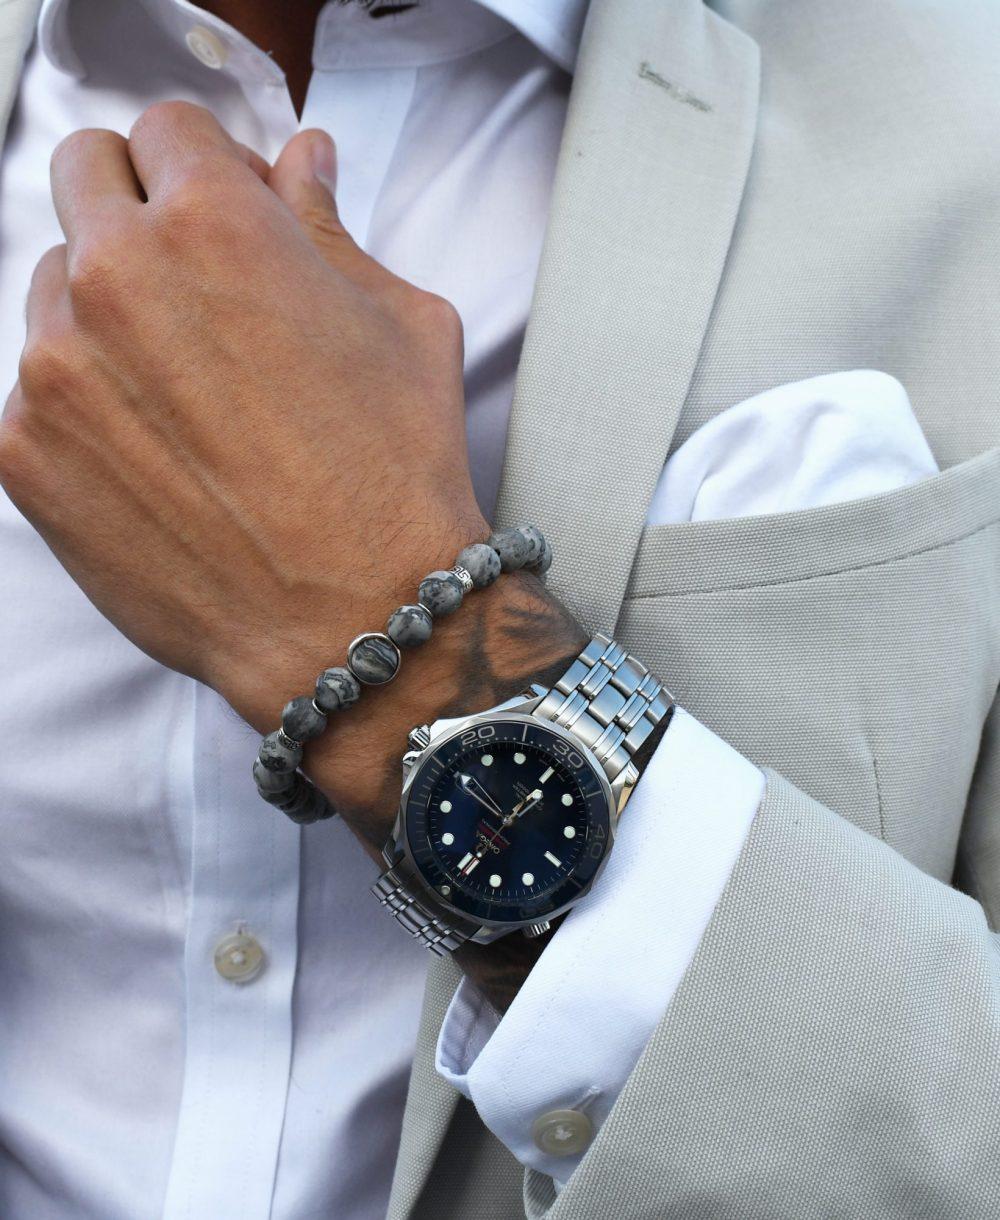 jasper bracelet for men, red jasper bracelet, picture jasper bracelet, mens beaded bracelet, 18k gold bracelet, OMMO Bracelet